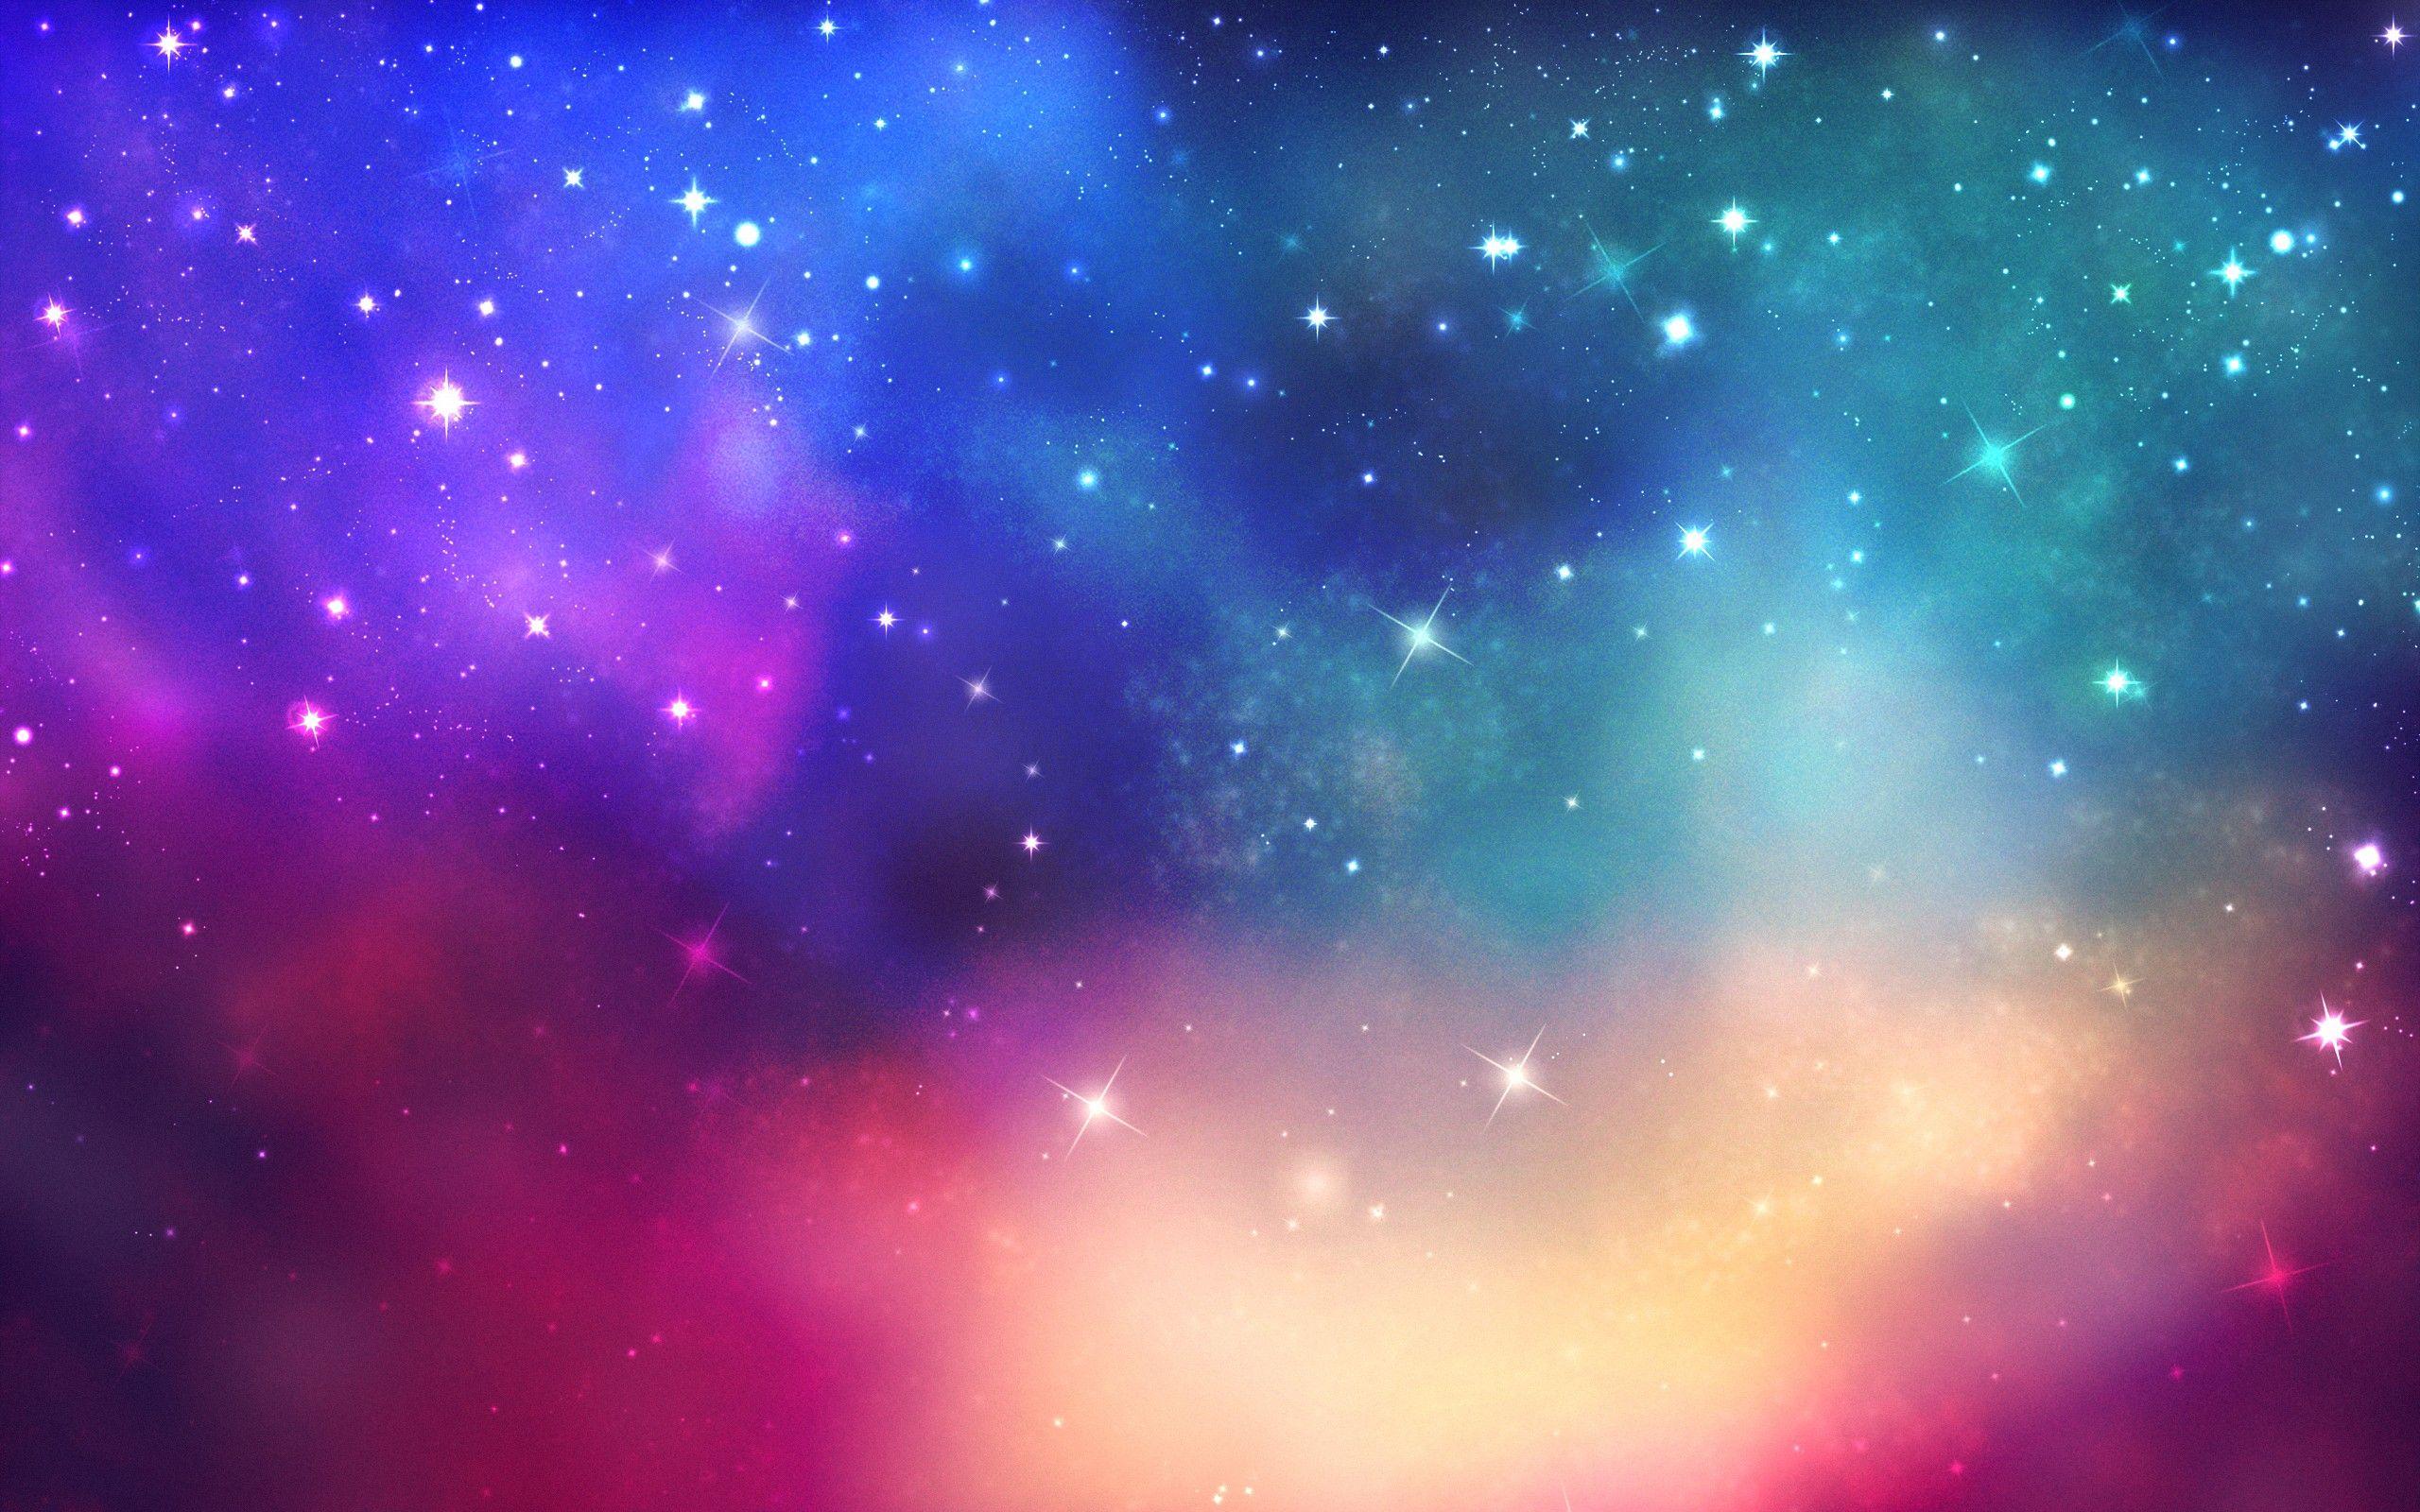 Colorful Galaxy Wallpaper Full Hd O1q In 2019 Galaxy